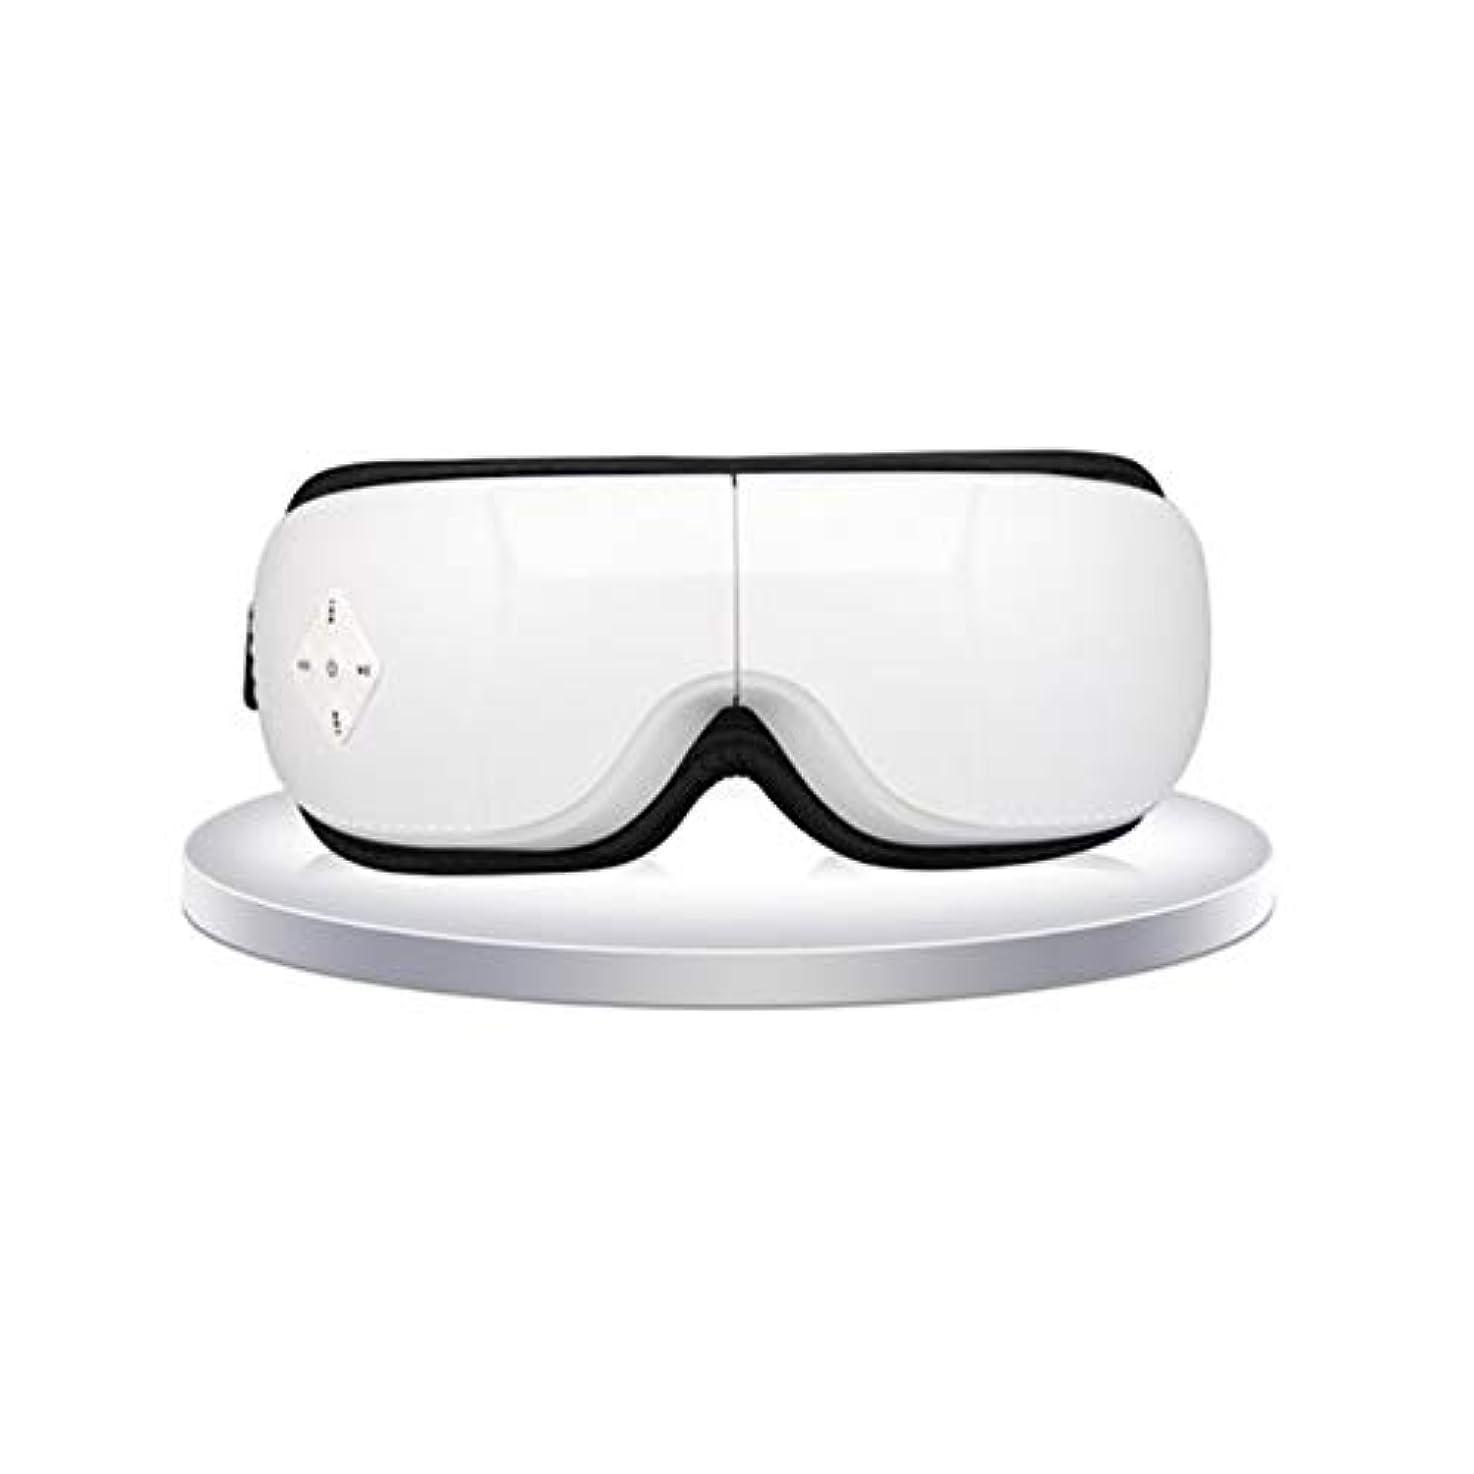 ホームレス計算可能部門マッサージャーマッサージアイプロテクターホットアイマスク疲労緩和マッサージ (Color : White)